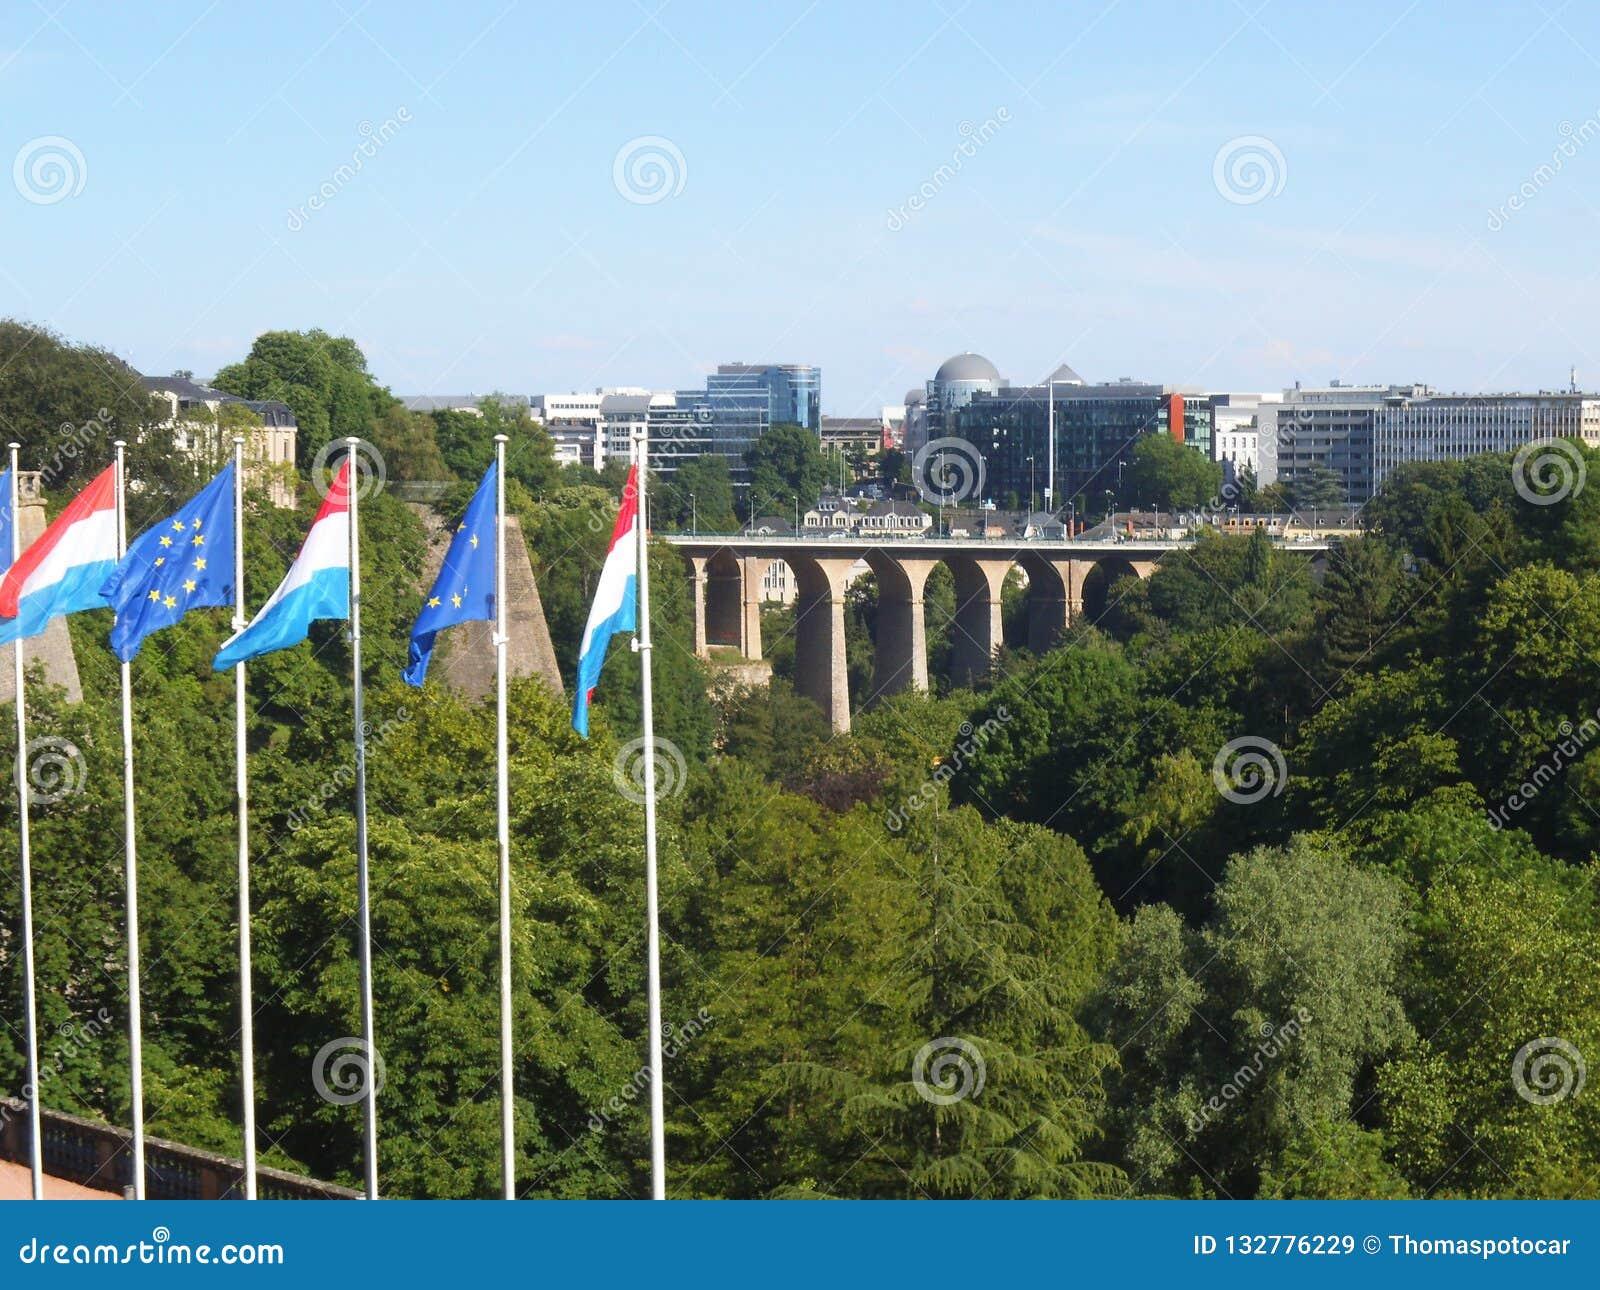 Aperçu de la ville de la colline au Luxembourg